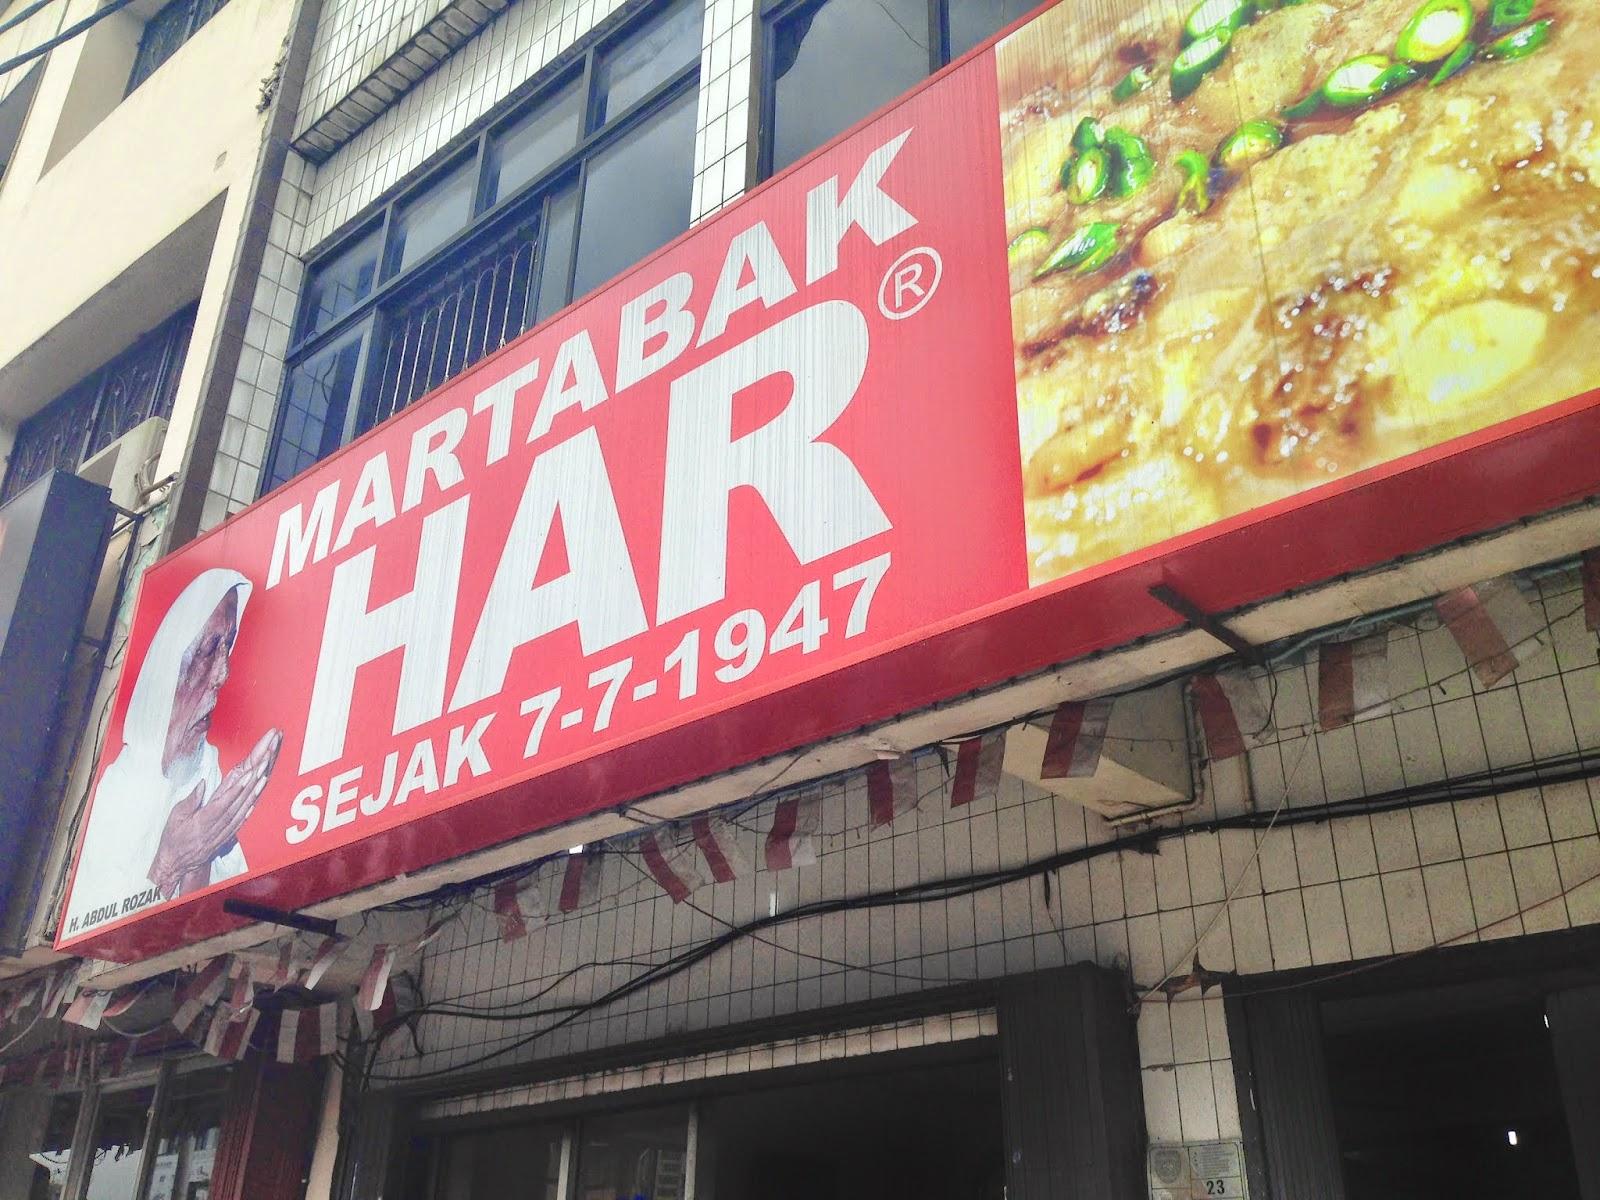 Martabak Har Palembang Eat Hungry Kota